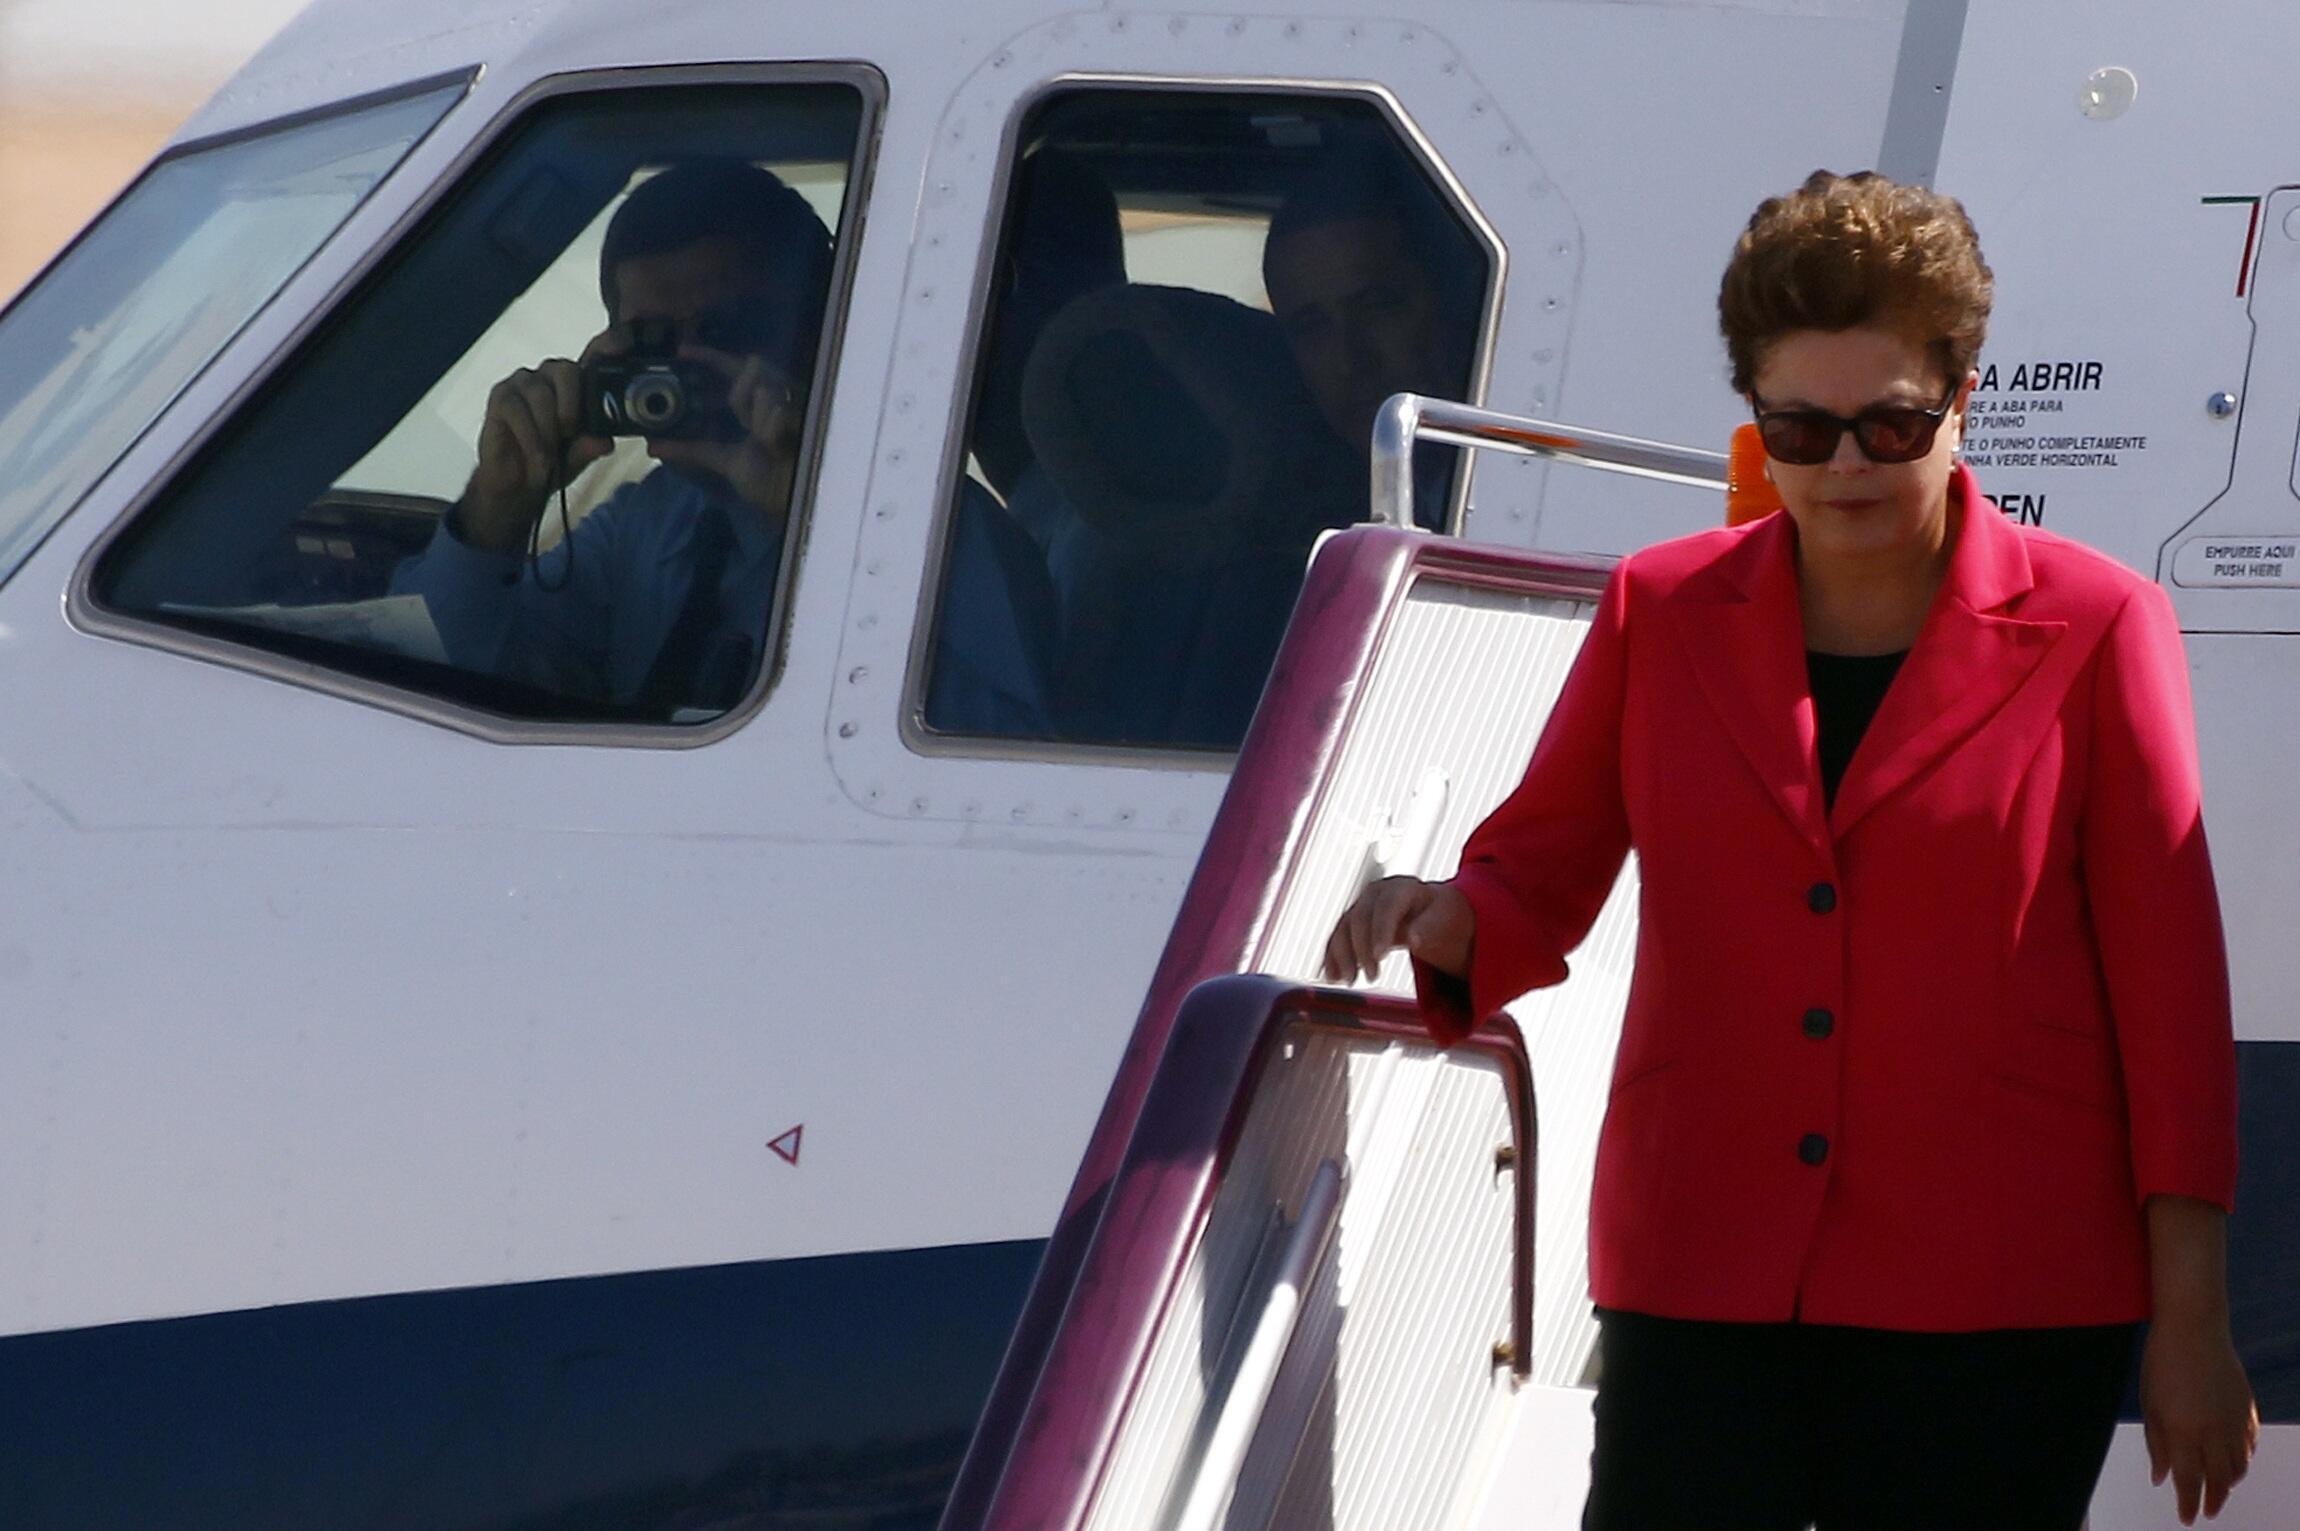 A presidenta Dilma Rousseff chegou a Pequim no início desta madrugada, no horário de Brasília, para uma visita de seis dias à China.